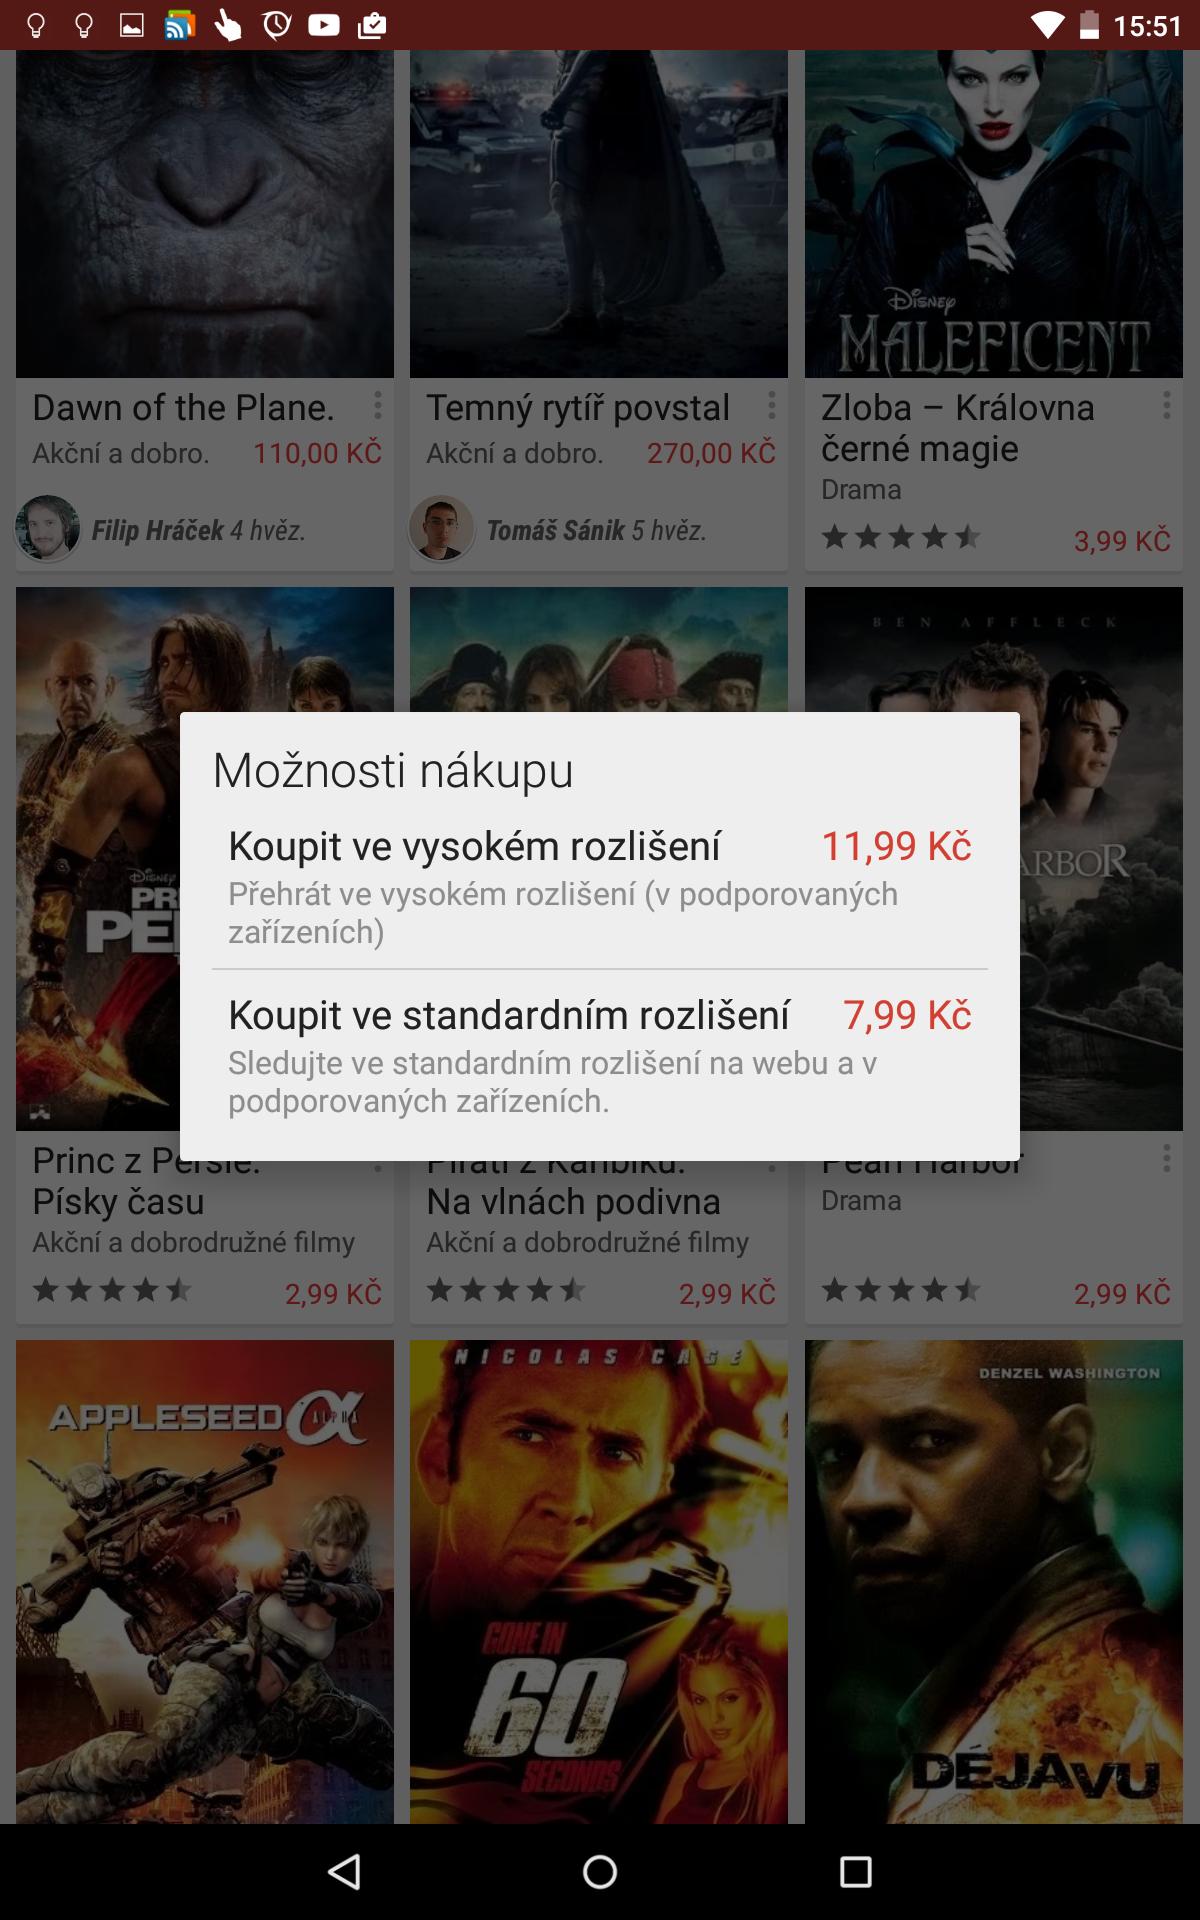 Google Play Filmy – akce nebo jen chyba? Filmy za pár korun [aktualizováno]